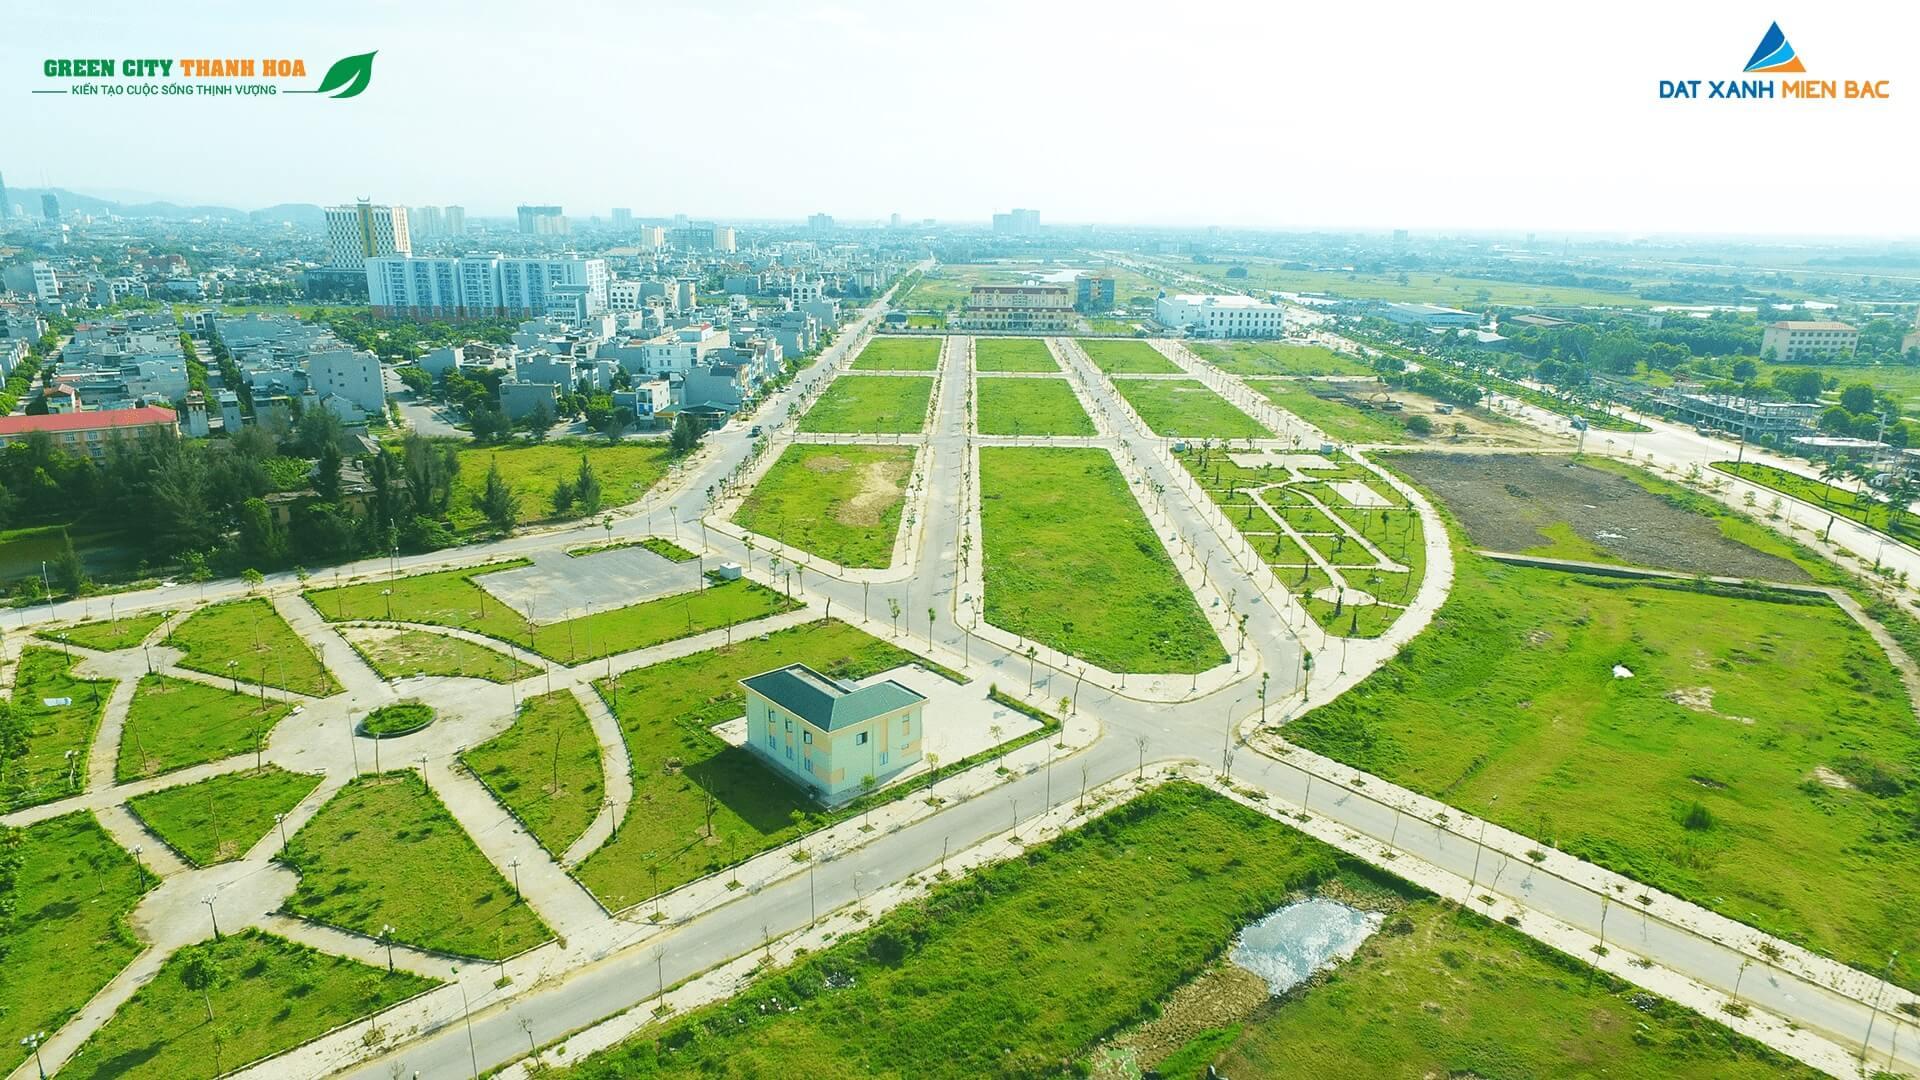 đất nền khu đô thị green city thanh hóa